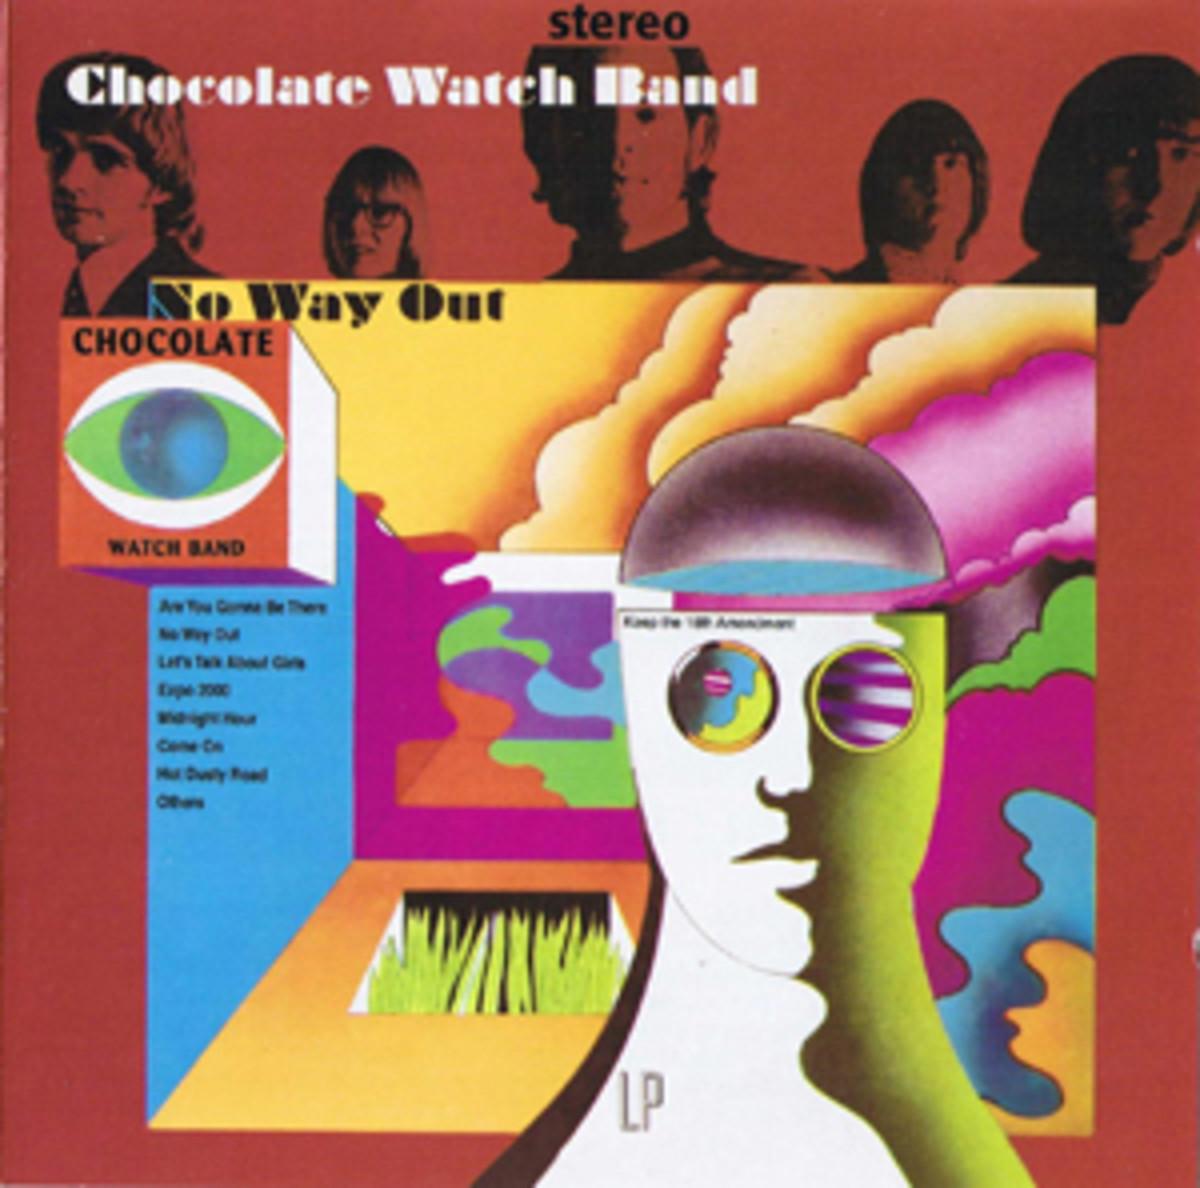 ChocolateWatchBand_NoWayOut